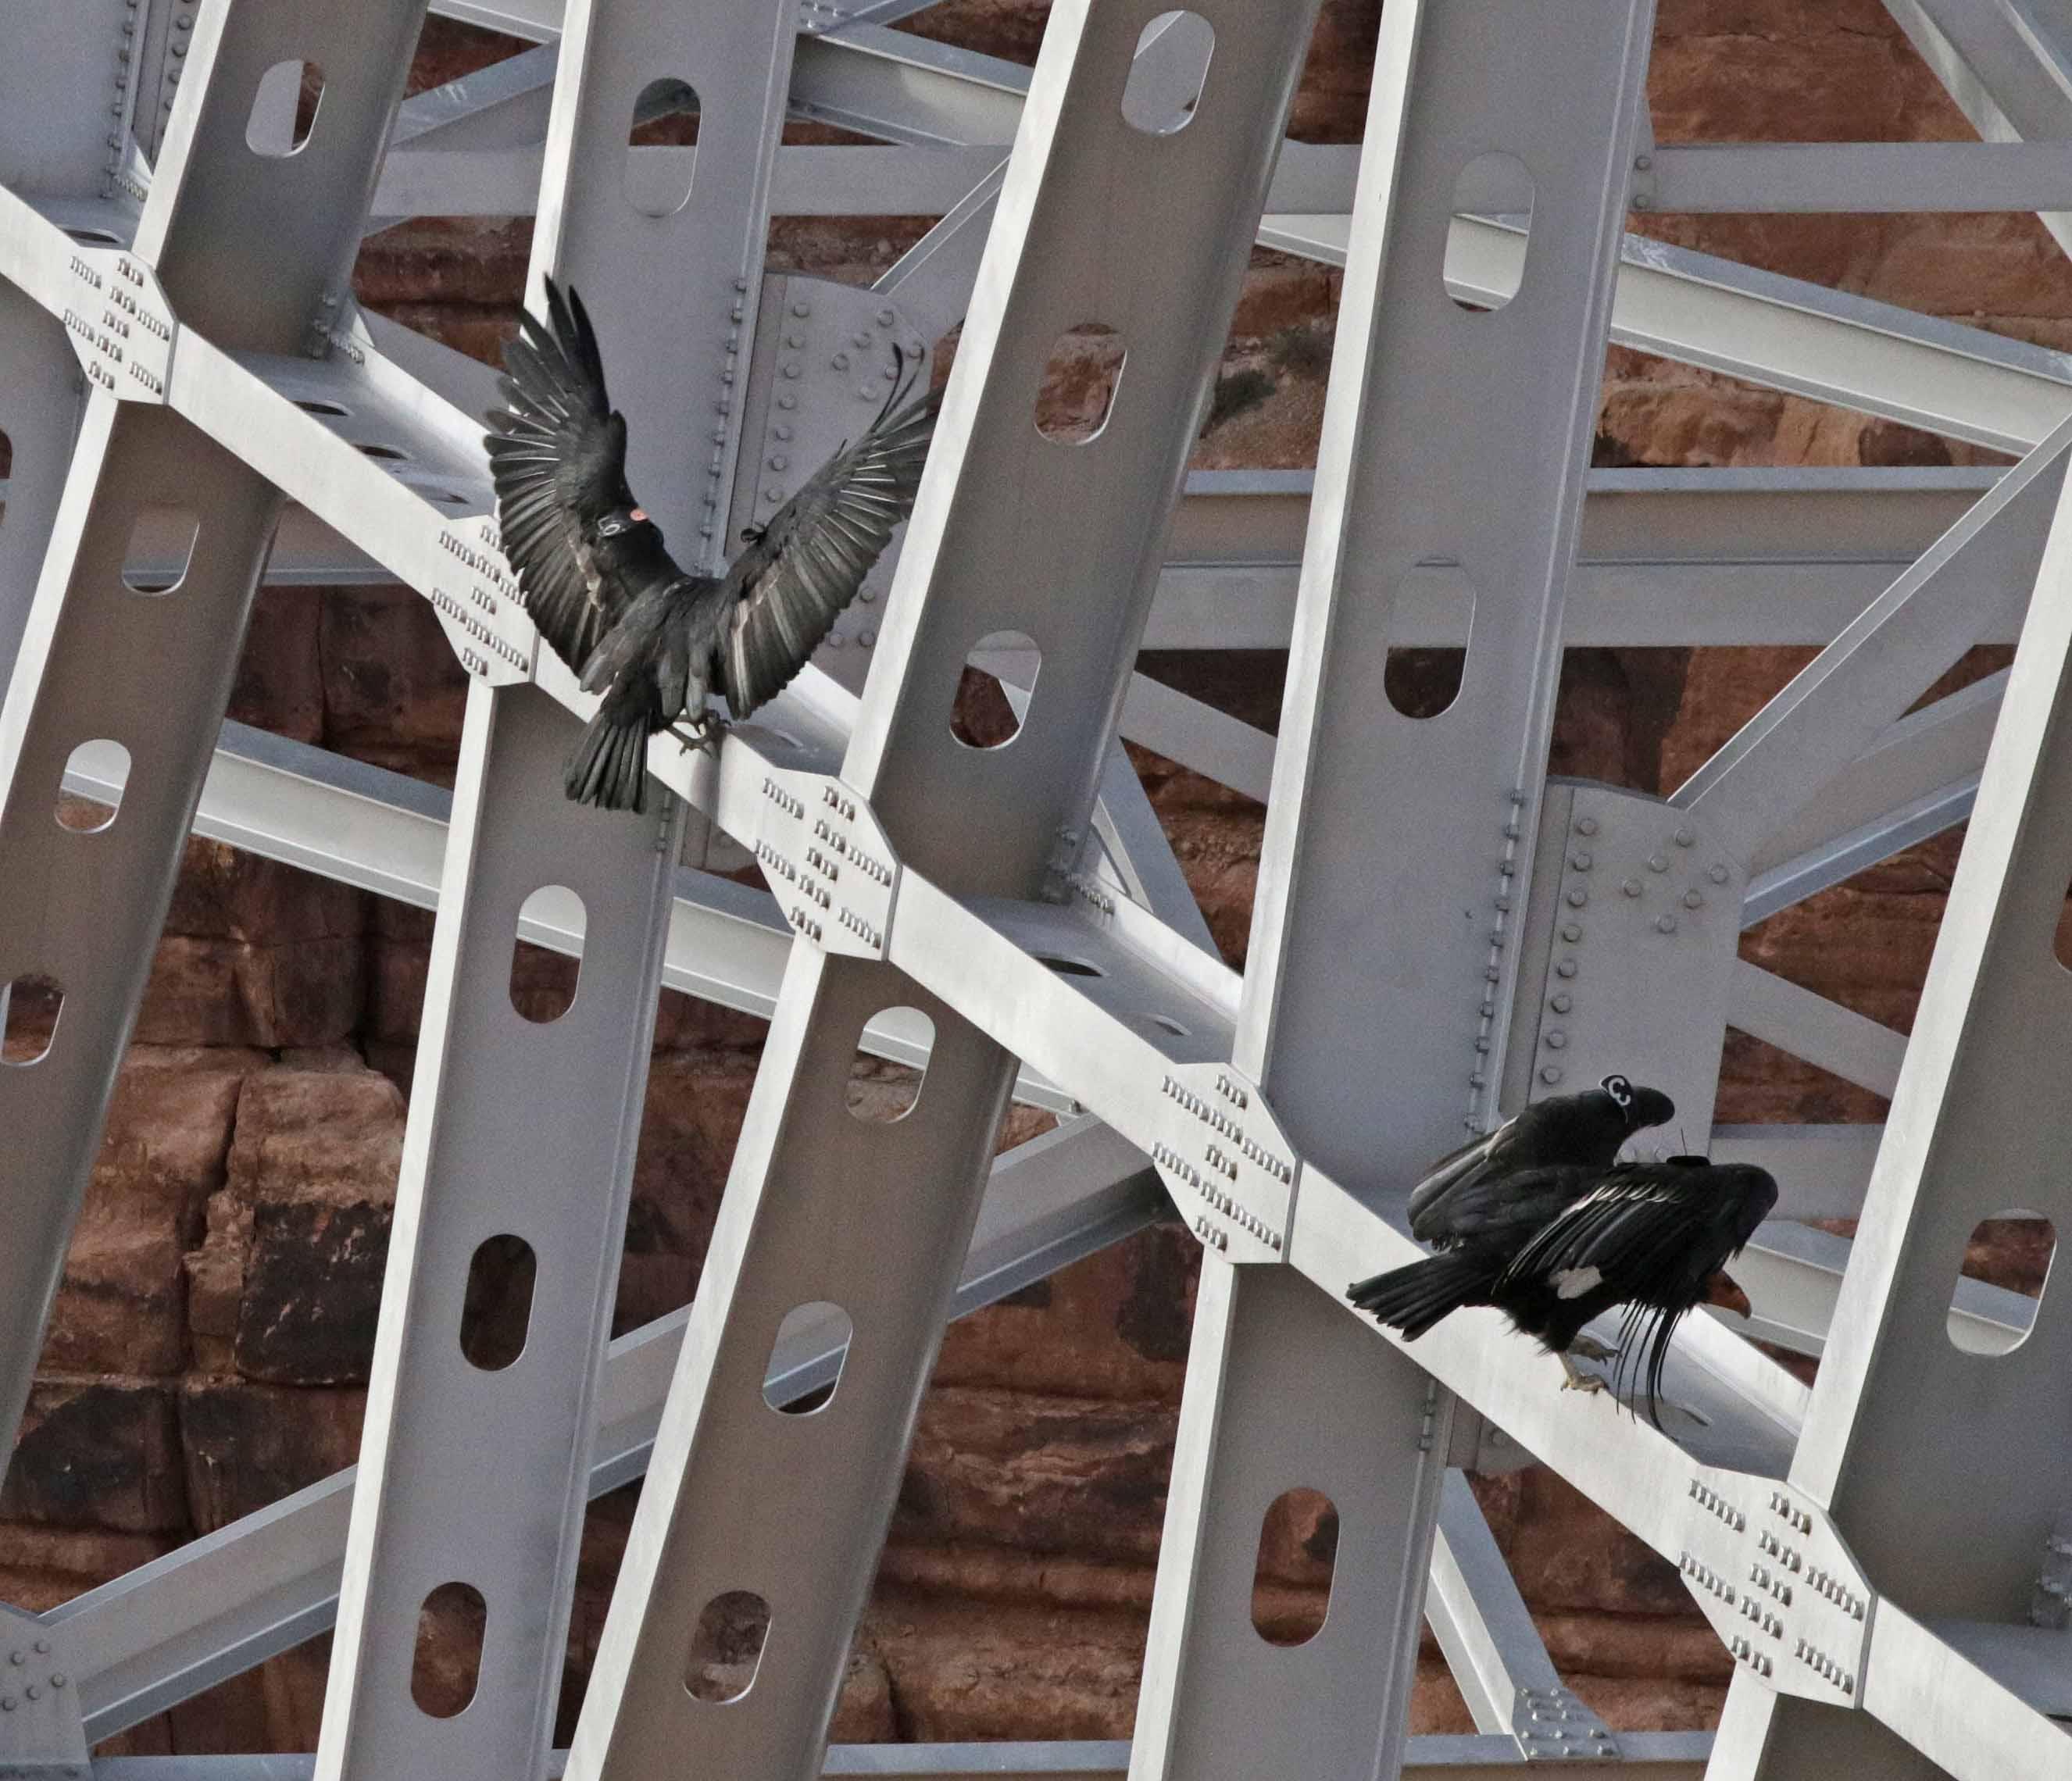 Stehlen Modern kostenlose foto vogel die architektur struktur holz brücke